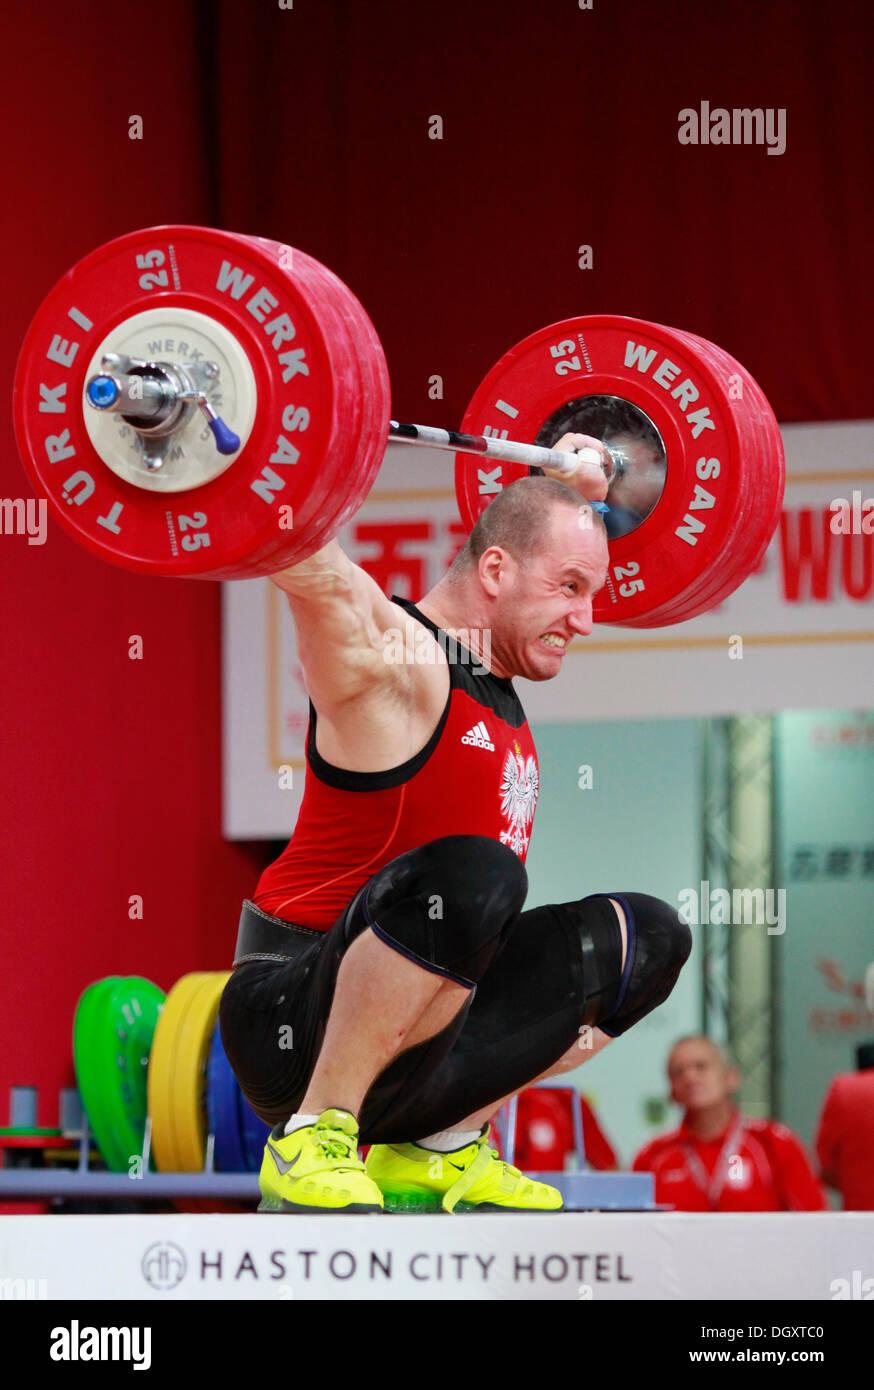 Wroclaw, Pologne. 27 Oct, 2013. Marcin Dolega (POL) en Men's 105 kg au final un groupe aux championnats du monde d'Haltérophilie IWF 2013 à Wroclaw, en Pologne, le dimanche, Octobre 27, 2013. Credit: Piotr Zajac/Alamy Live News Photo Stock